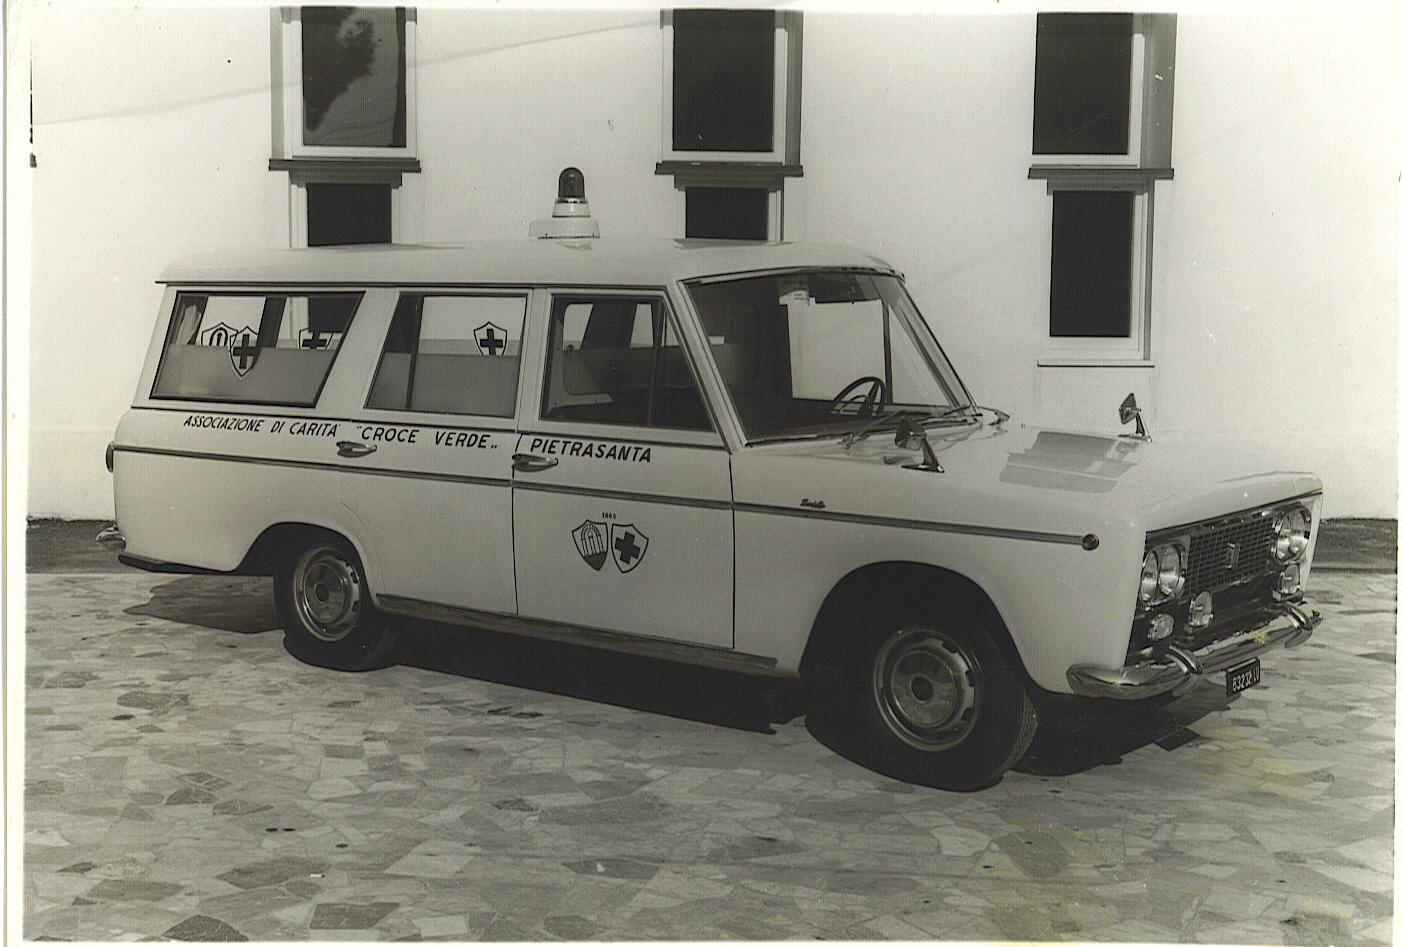 Foto 07: Mantelli nel 1966 realizza questa ambulanza su telaio Fiat 2300 – foto ASCVP